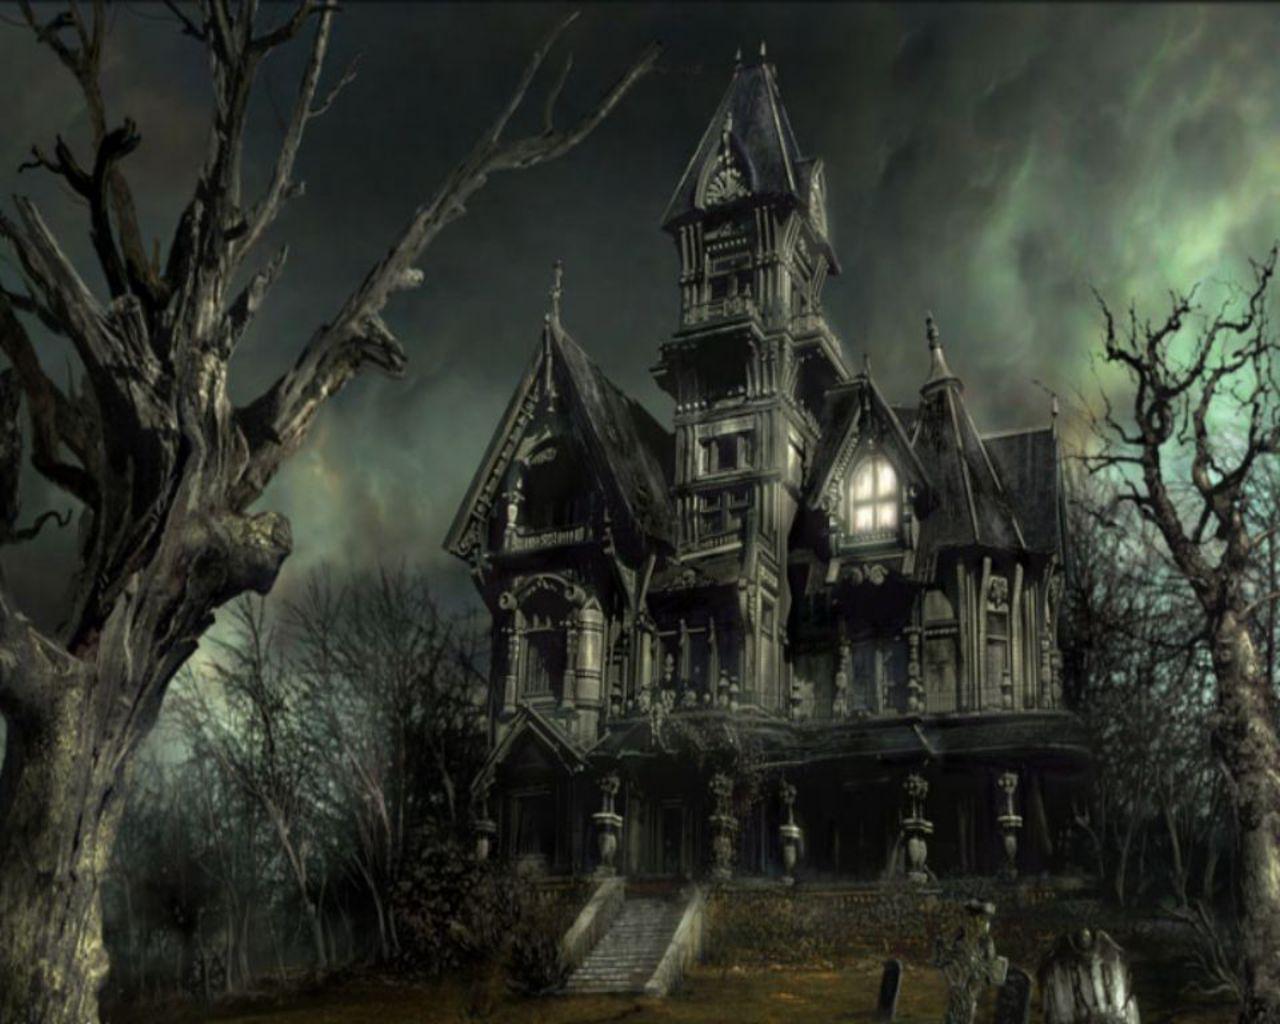 Creepy Gothic Castle